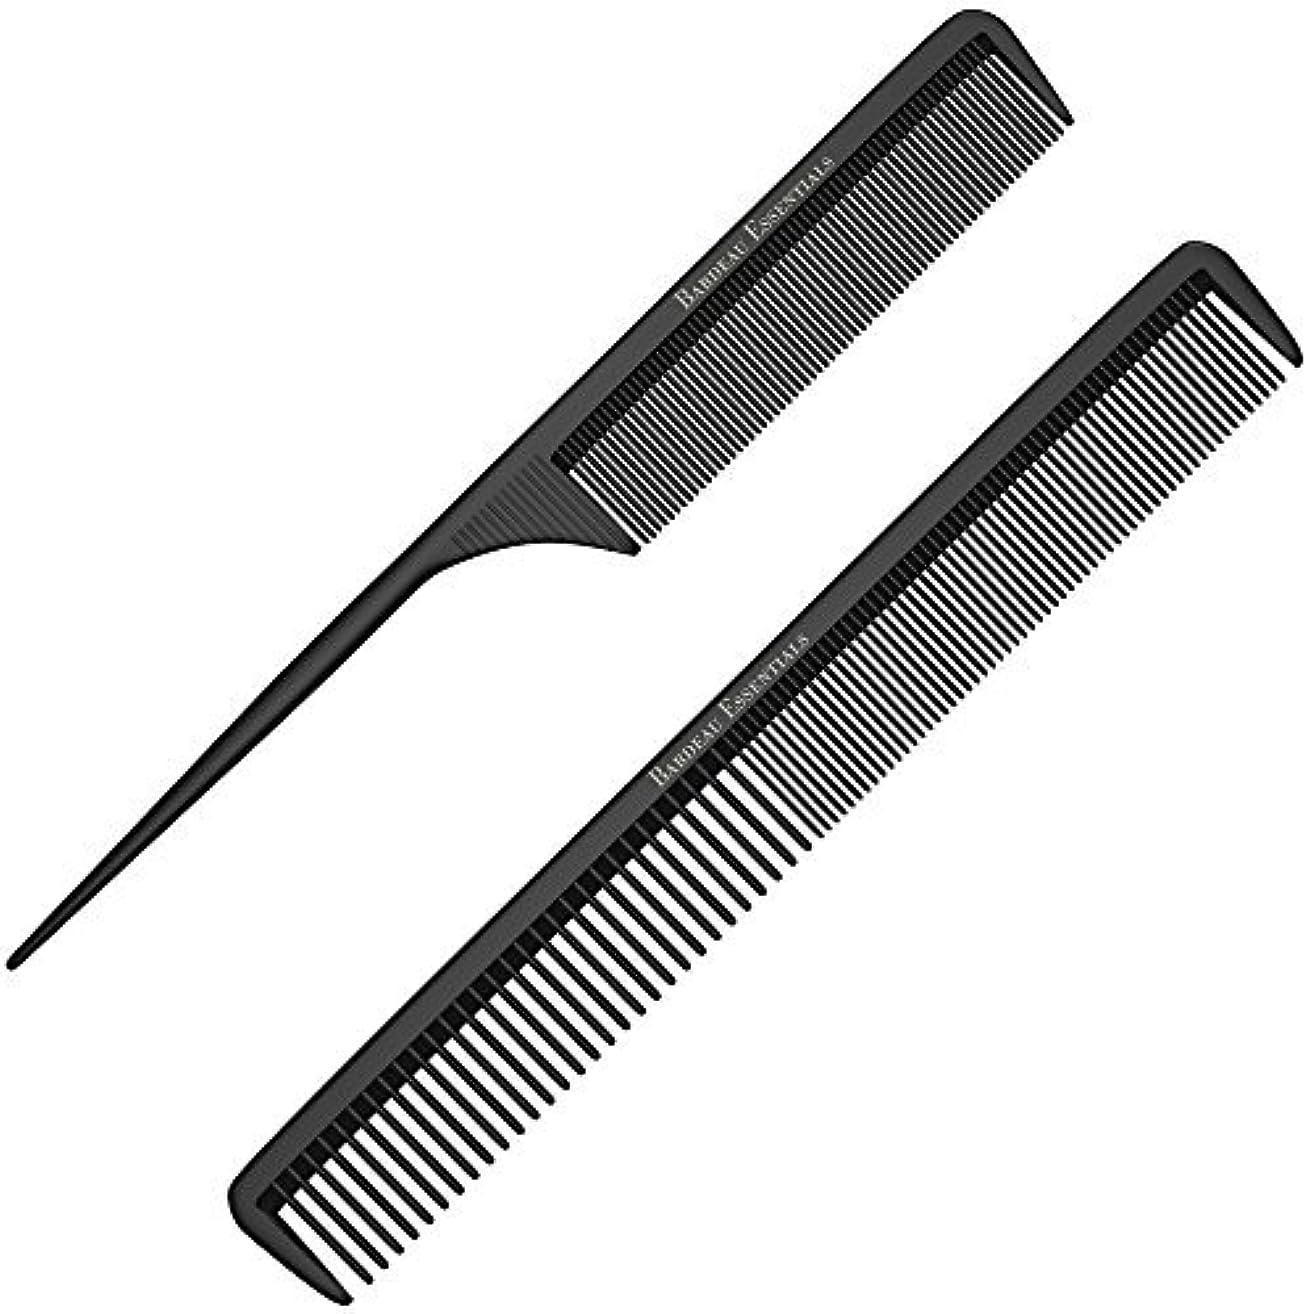 撃退する風邪をひく突然のStyling Comb and Tail Comb Combo Pack | Professional 8.75  Black Carbon Fiber Anti Static Chemical And Heat Resistant...